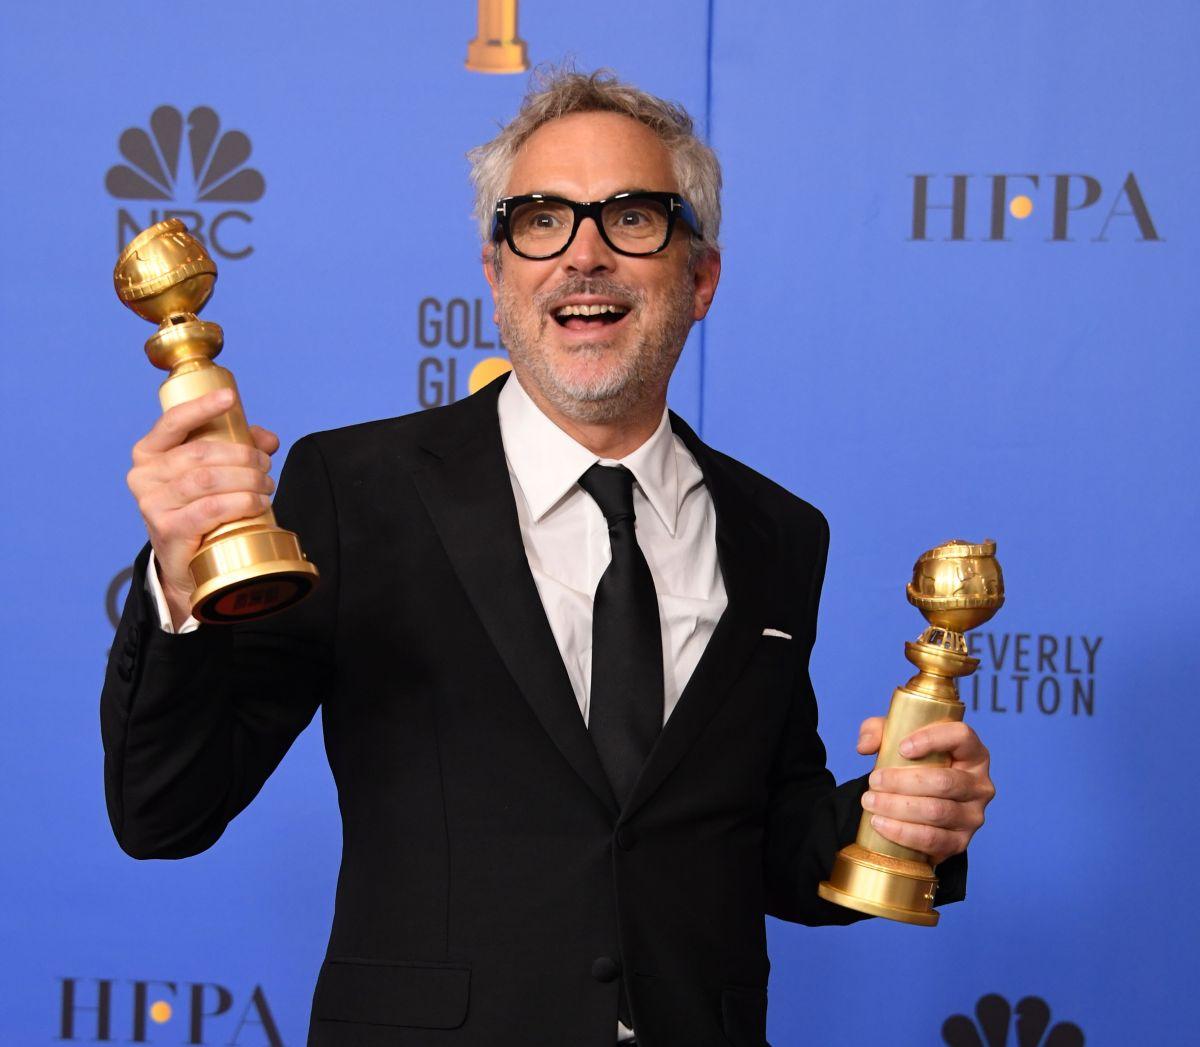 Premios Óscar 2019: Alfonso Cuarón reacciona a nominación histórica de 'Roma'